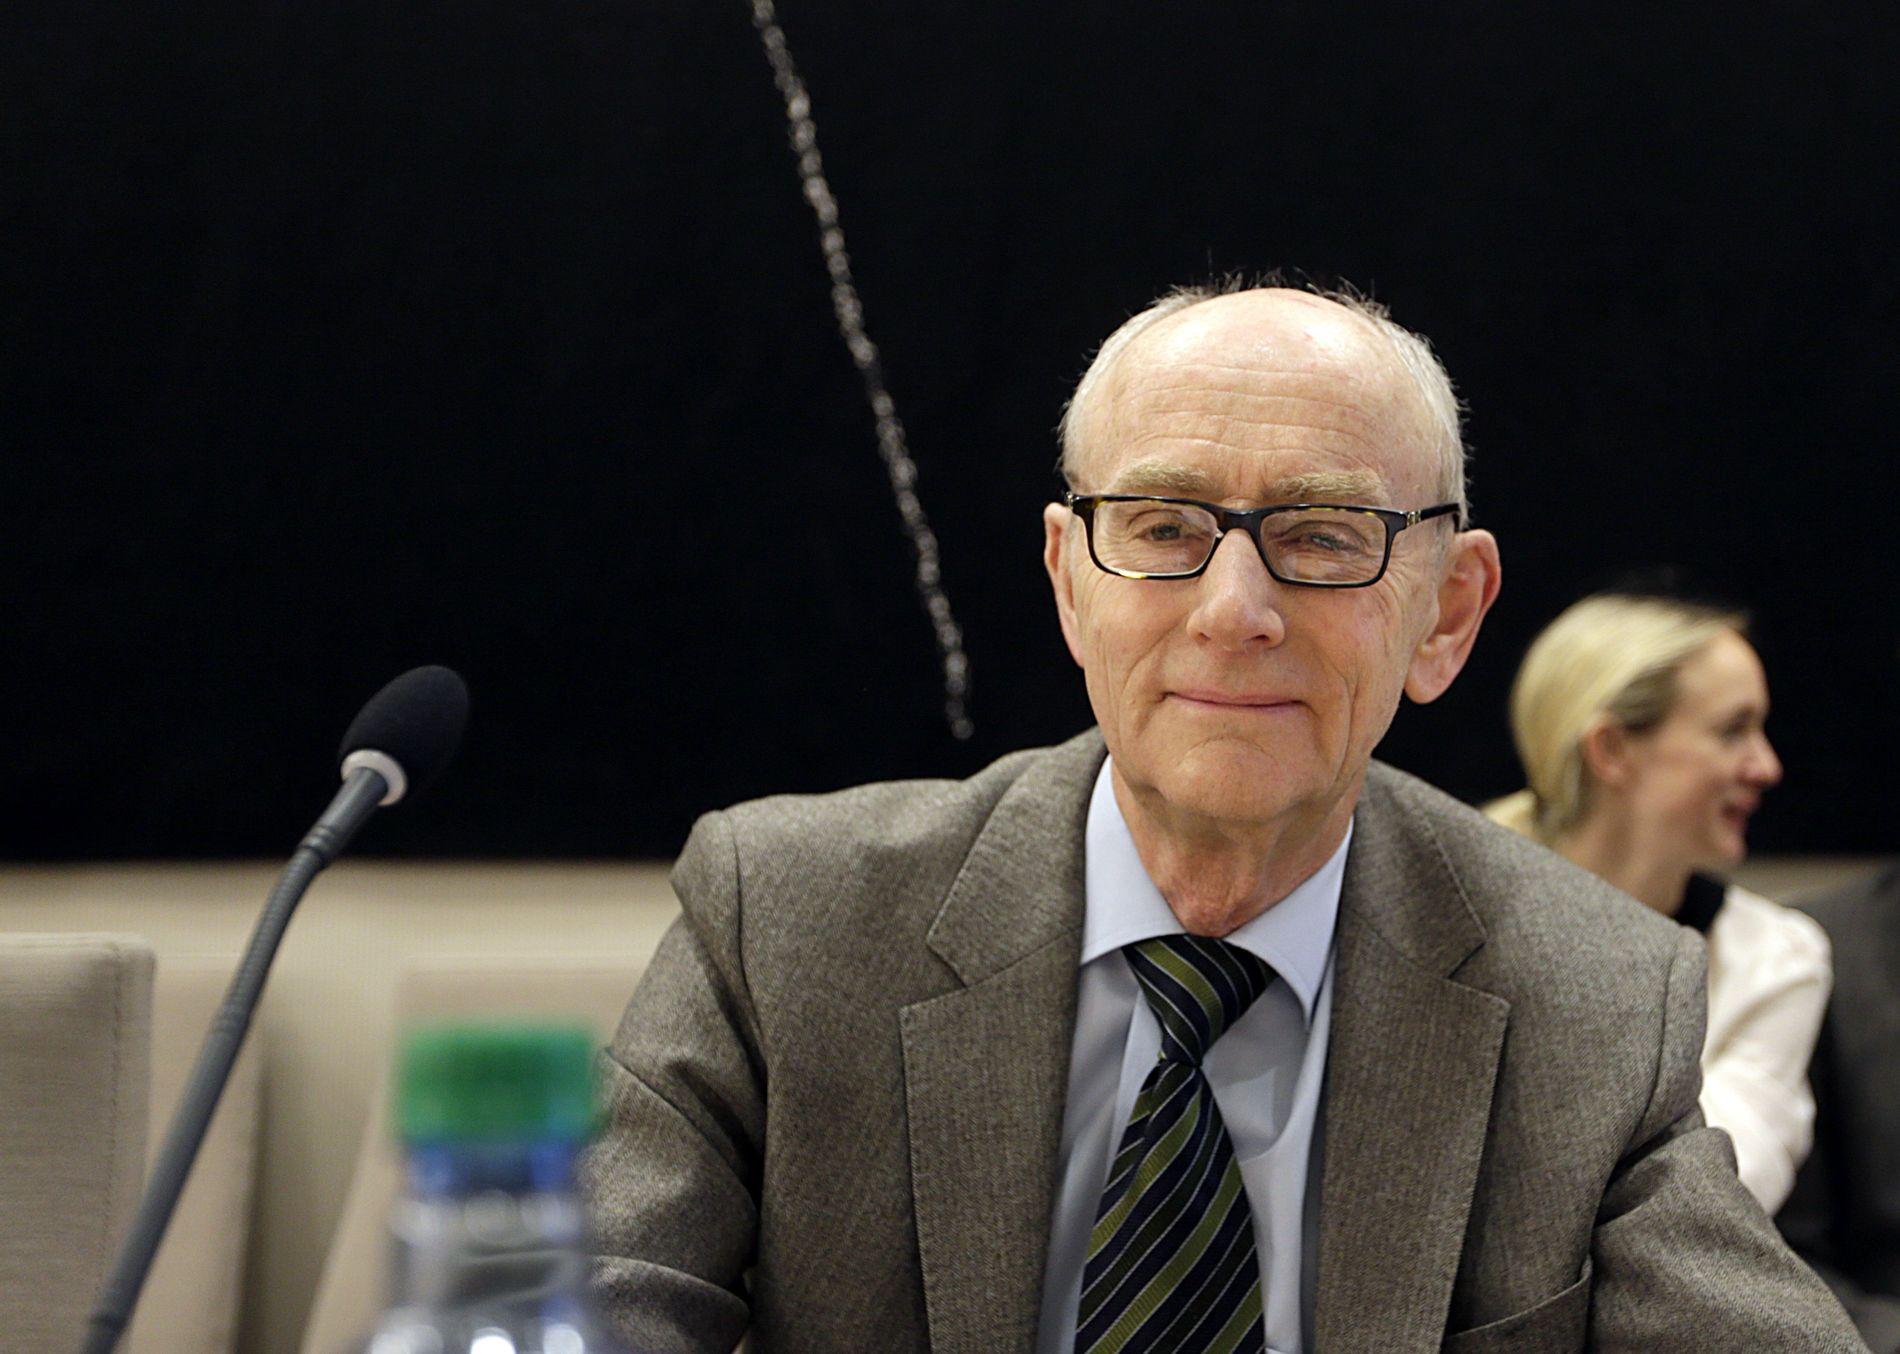 UNDERGRAVER: Hemmeligholdet, slik det er begrunnet, vil undergrave den rettslige og politiske kontrollen med avtaler av stor økonomisk og helsepolitisk betydning, advarer professor emeritus, Jan Fridthjof Bernt.